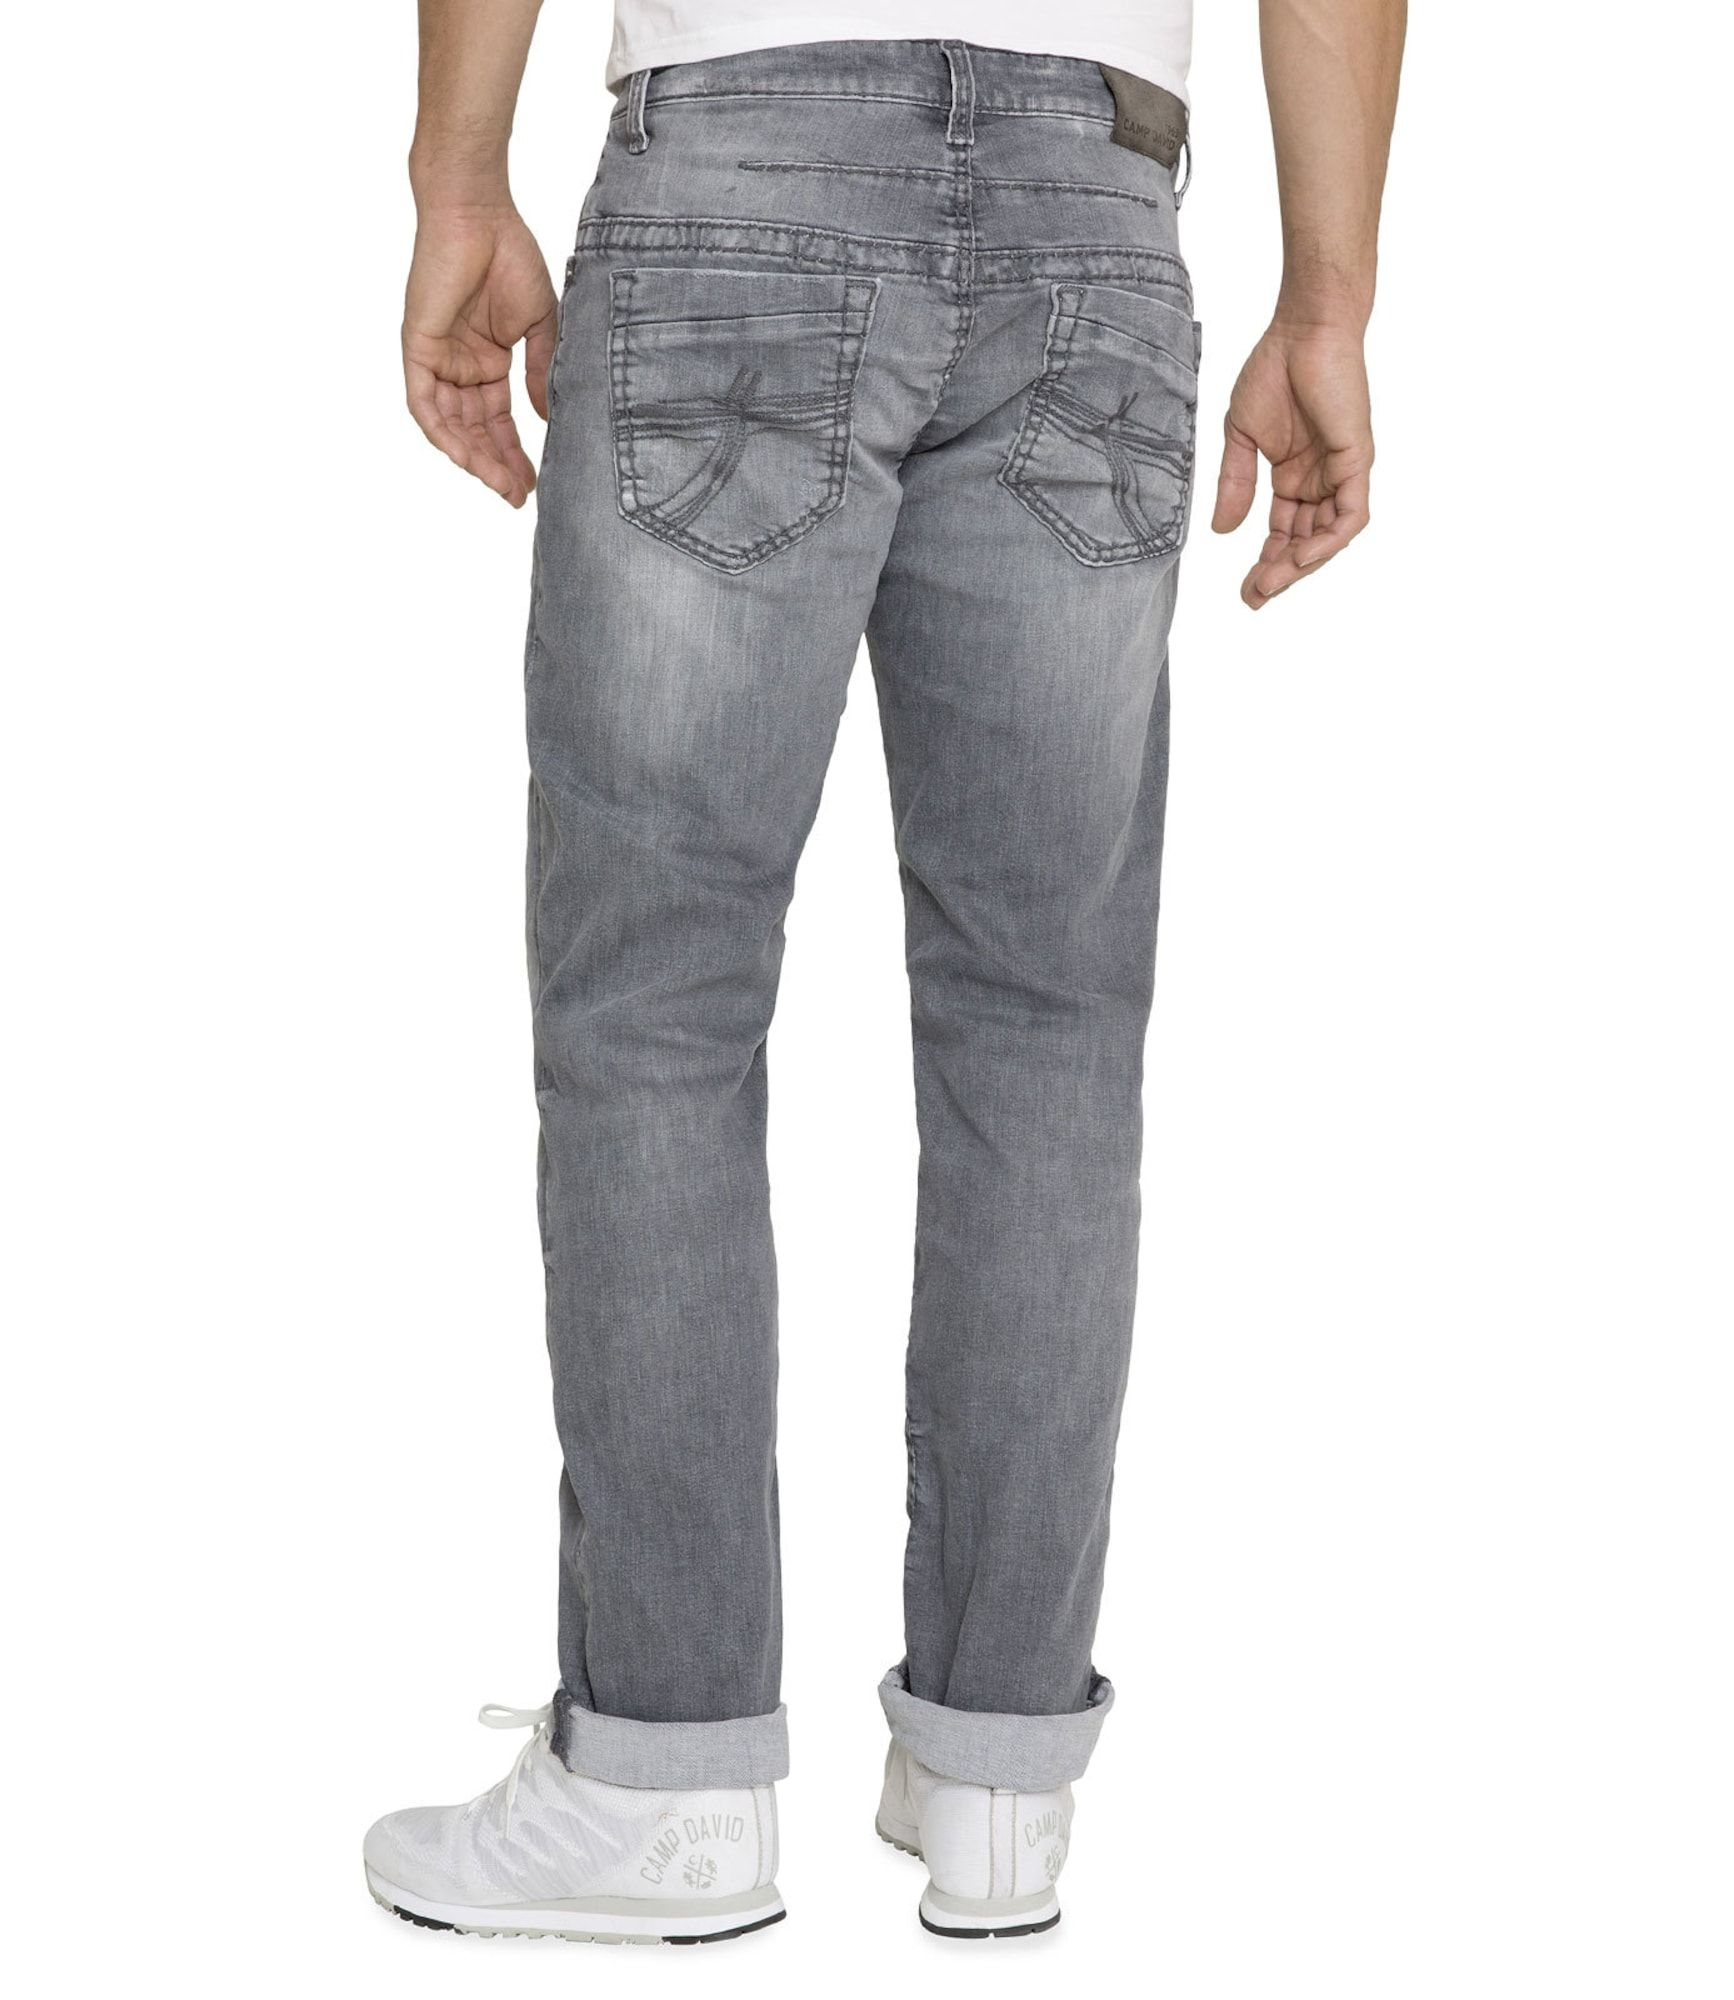 Camp David Jeans Herren Blue Denim Grosse 38 Jeans Denim Jeans Und Aktuelle Trends